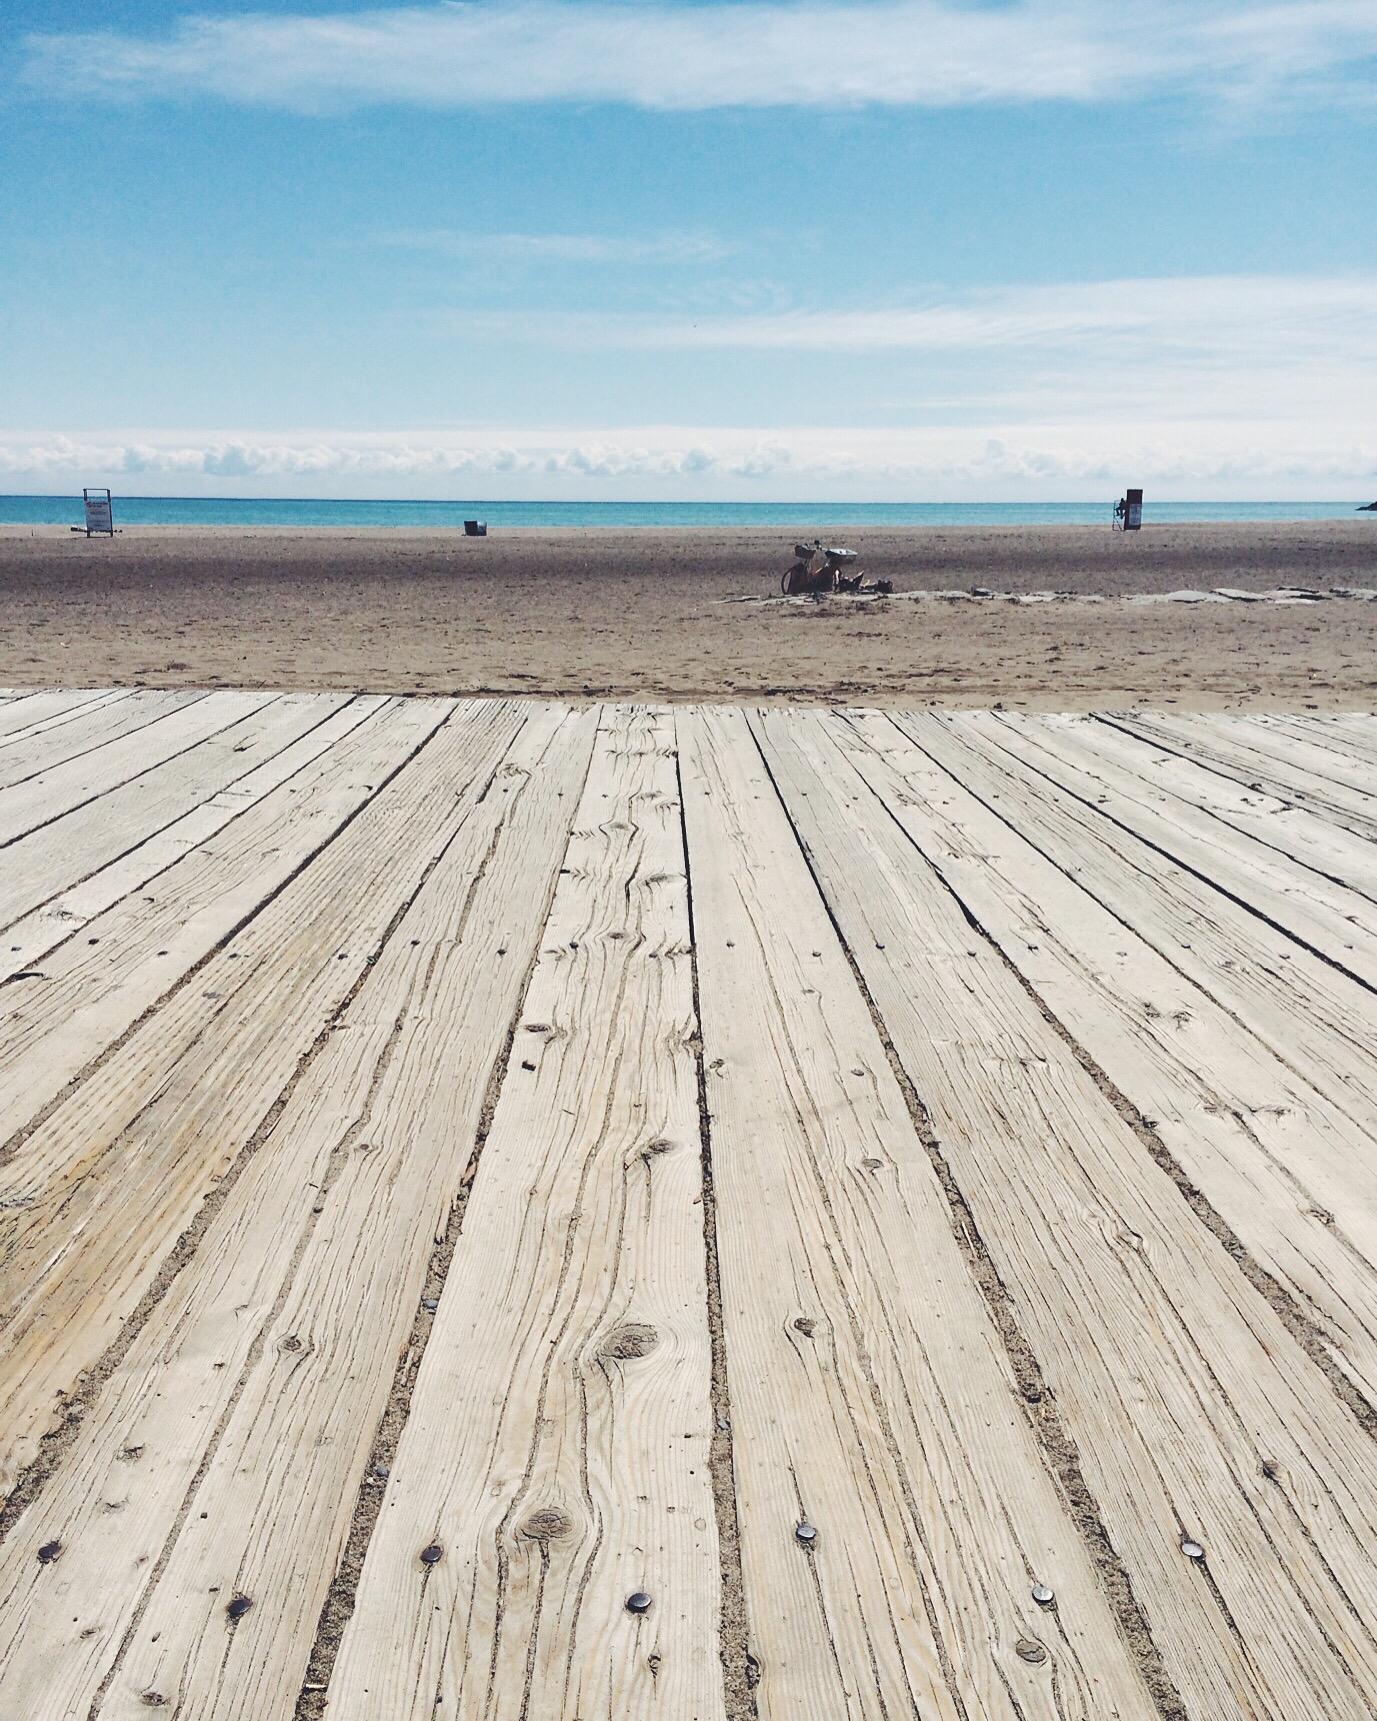 Boardwalk-ing